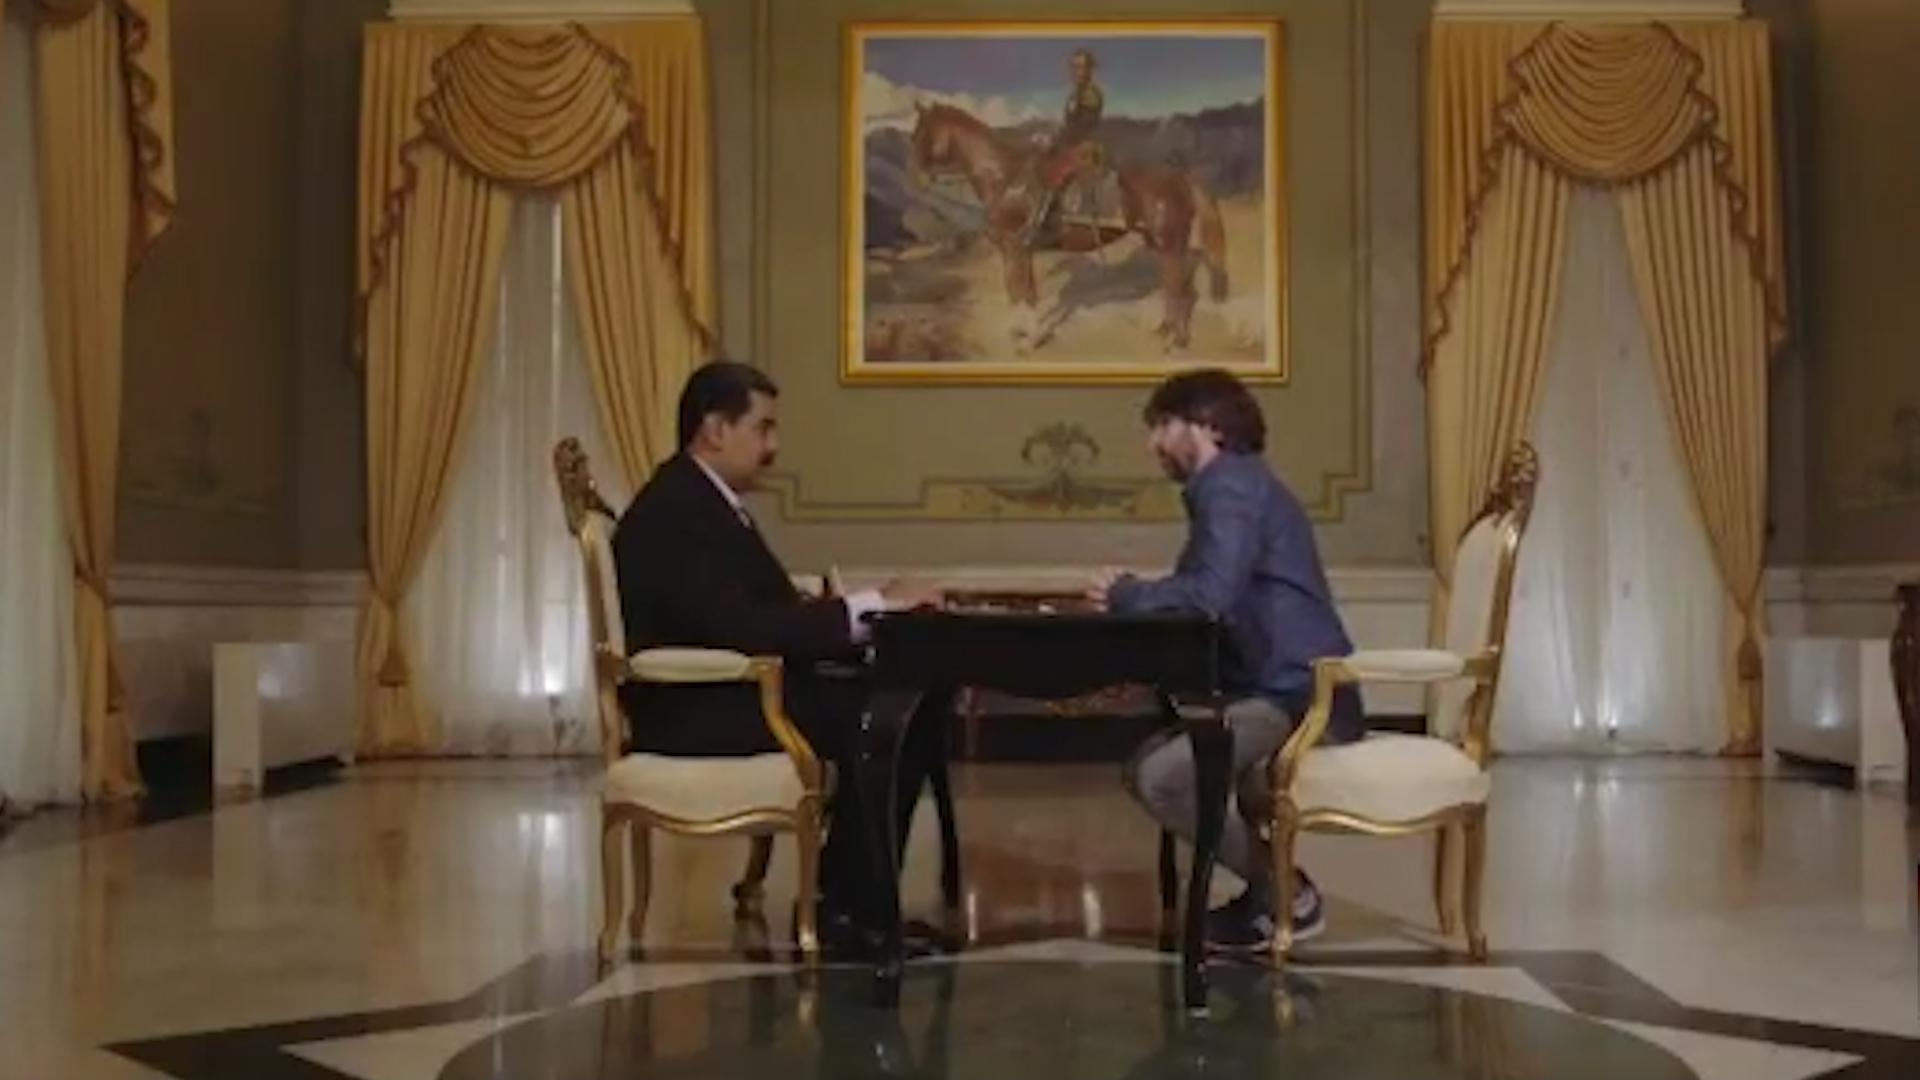 El presidente Nicolás Maduro frente al periodista catalán Jordi Évole